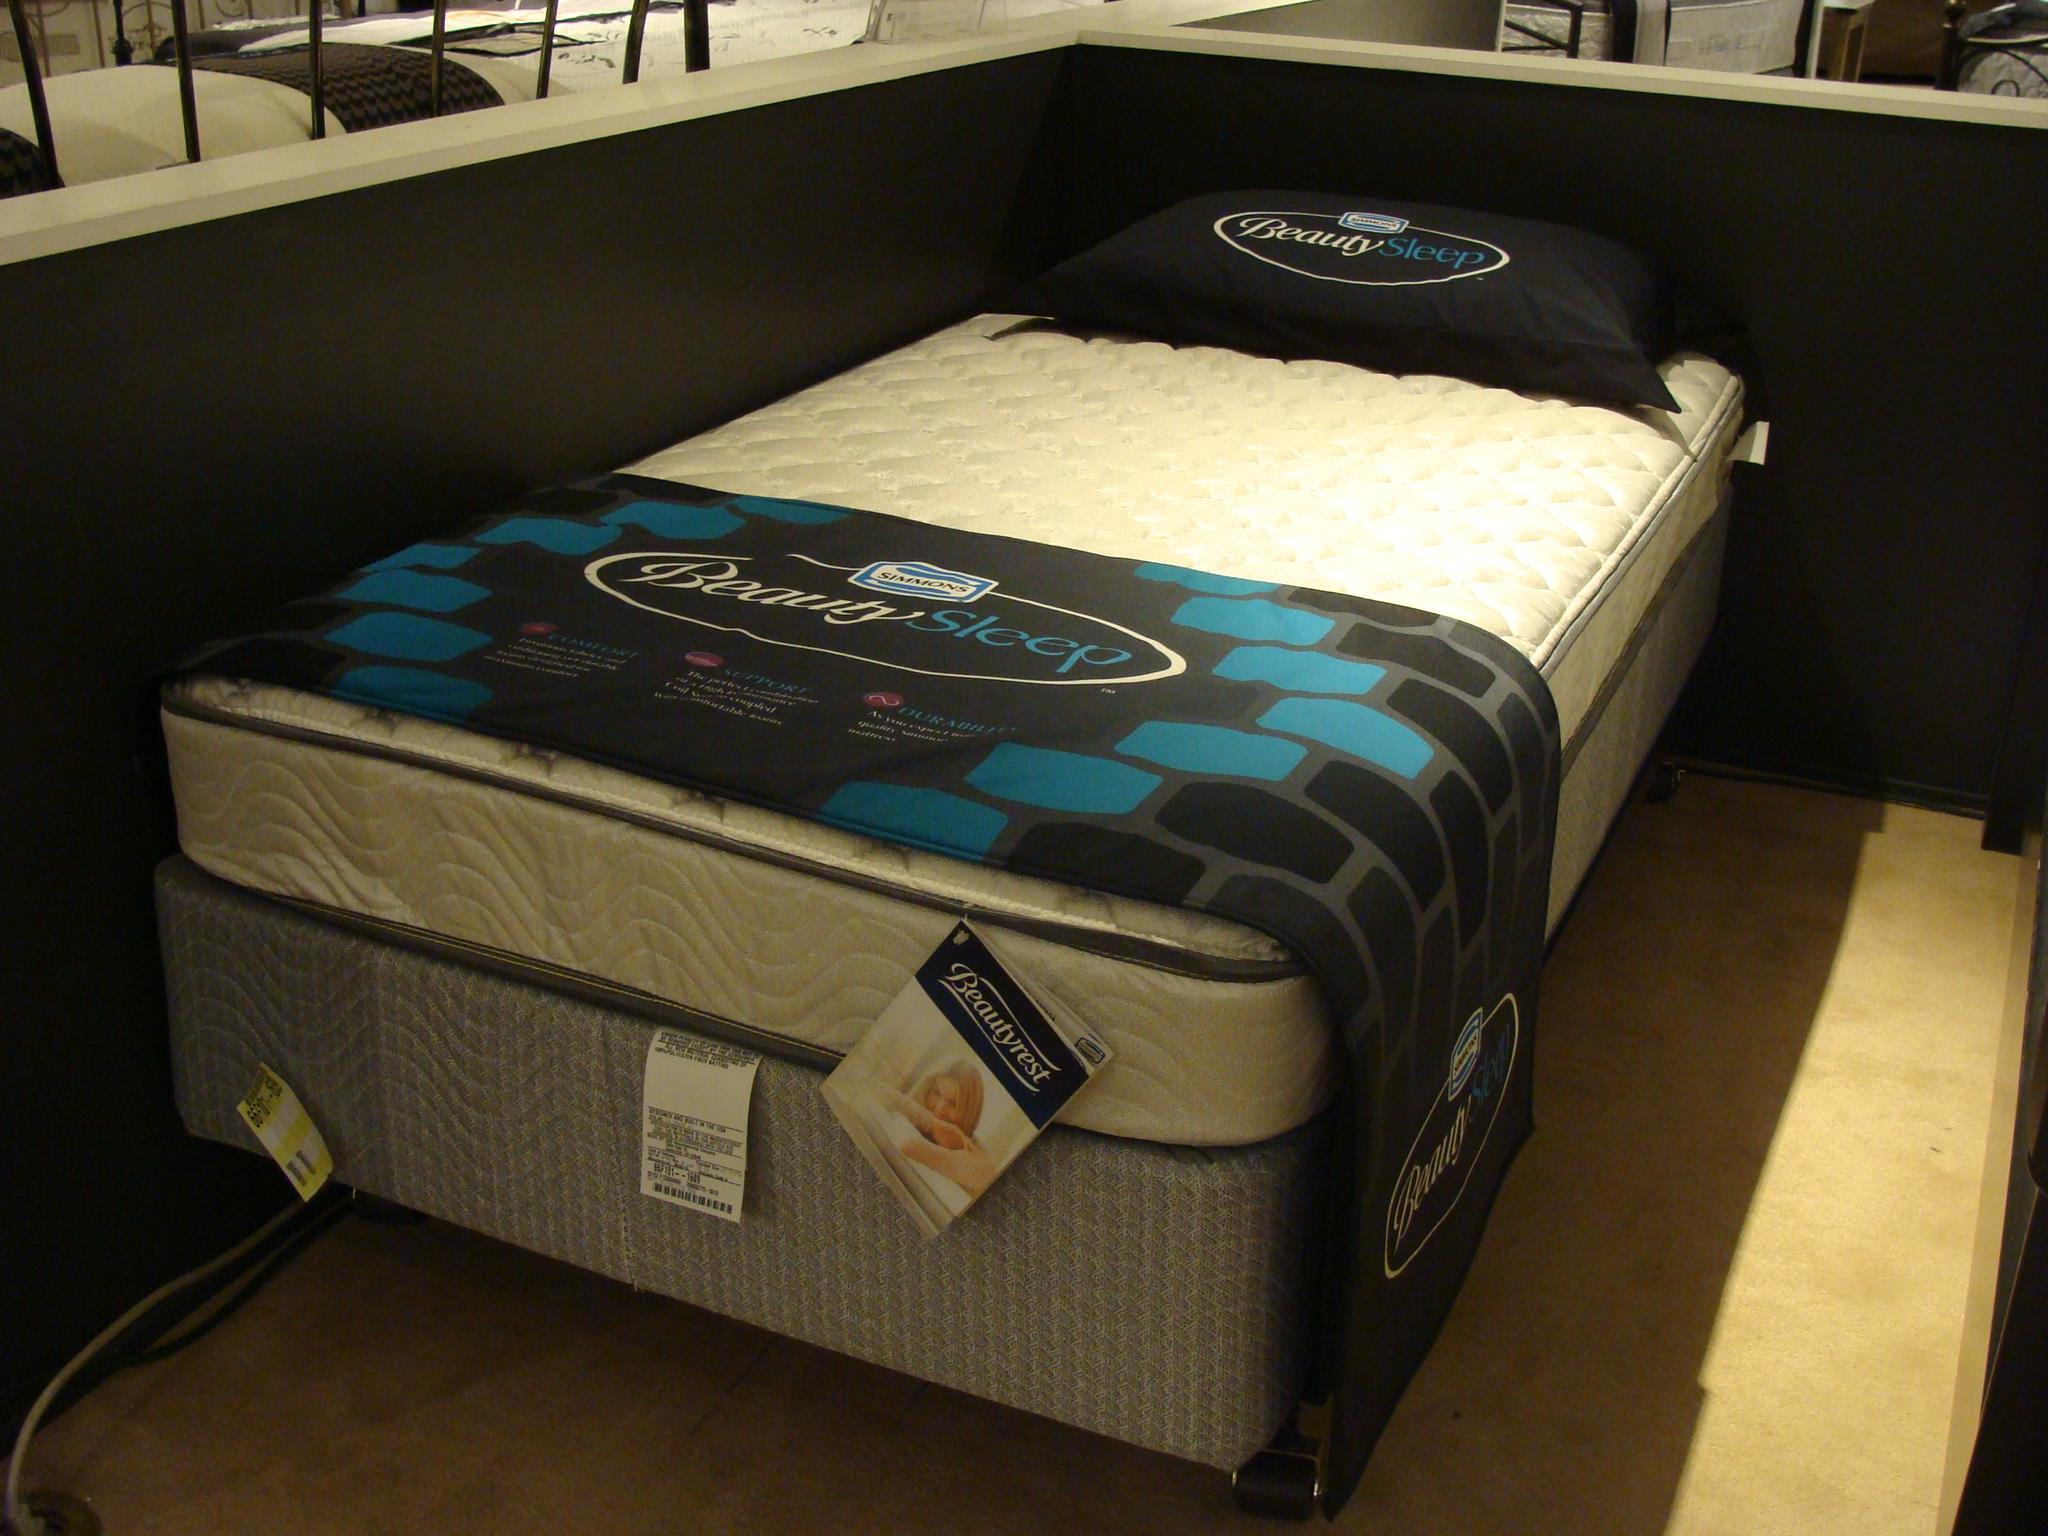 Simmons BeautySleep Firm Twin Firm Mattress Set - Item Number: BSFirm-T+700600775T